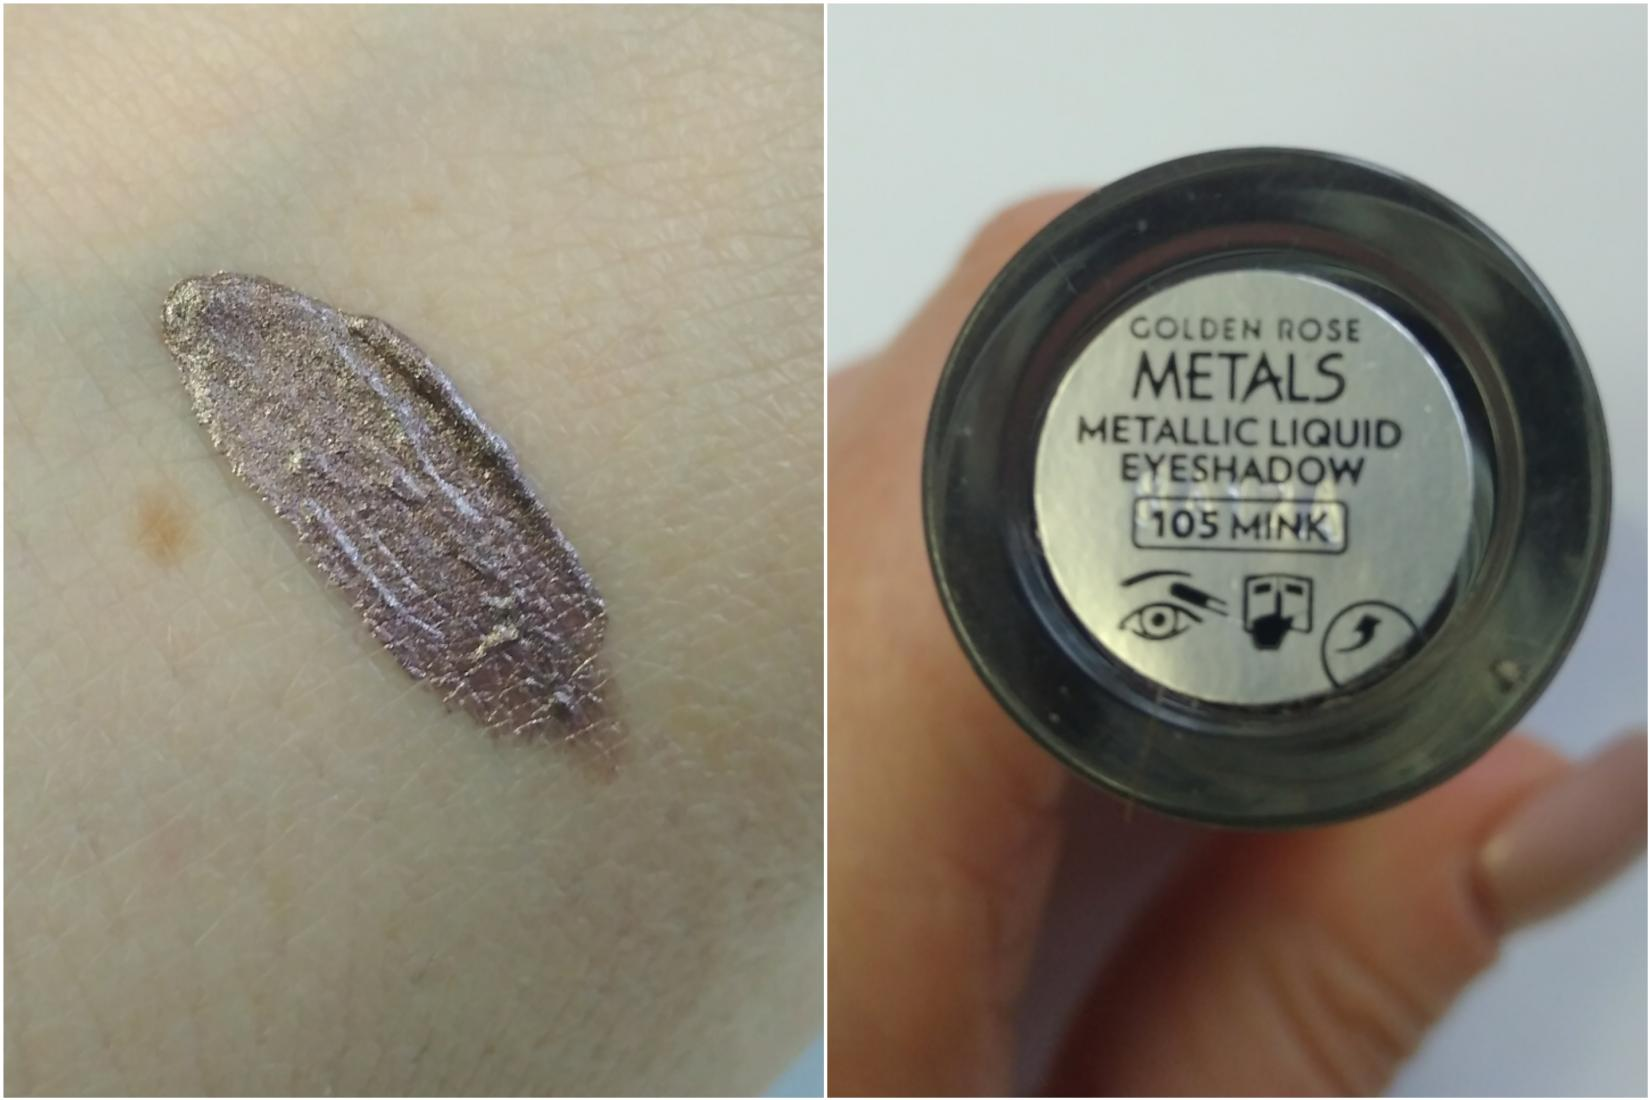 Жидкие тени Golden Rose Metals, оттенок 105 Mink - свотч